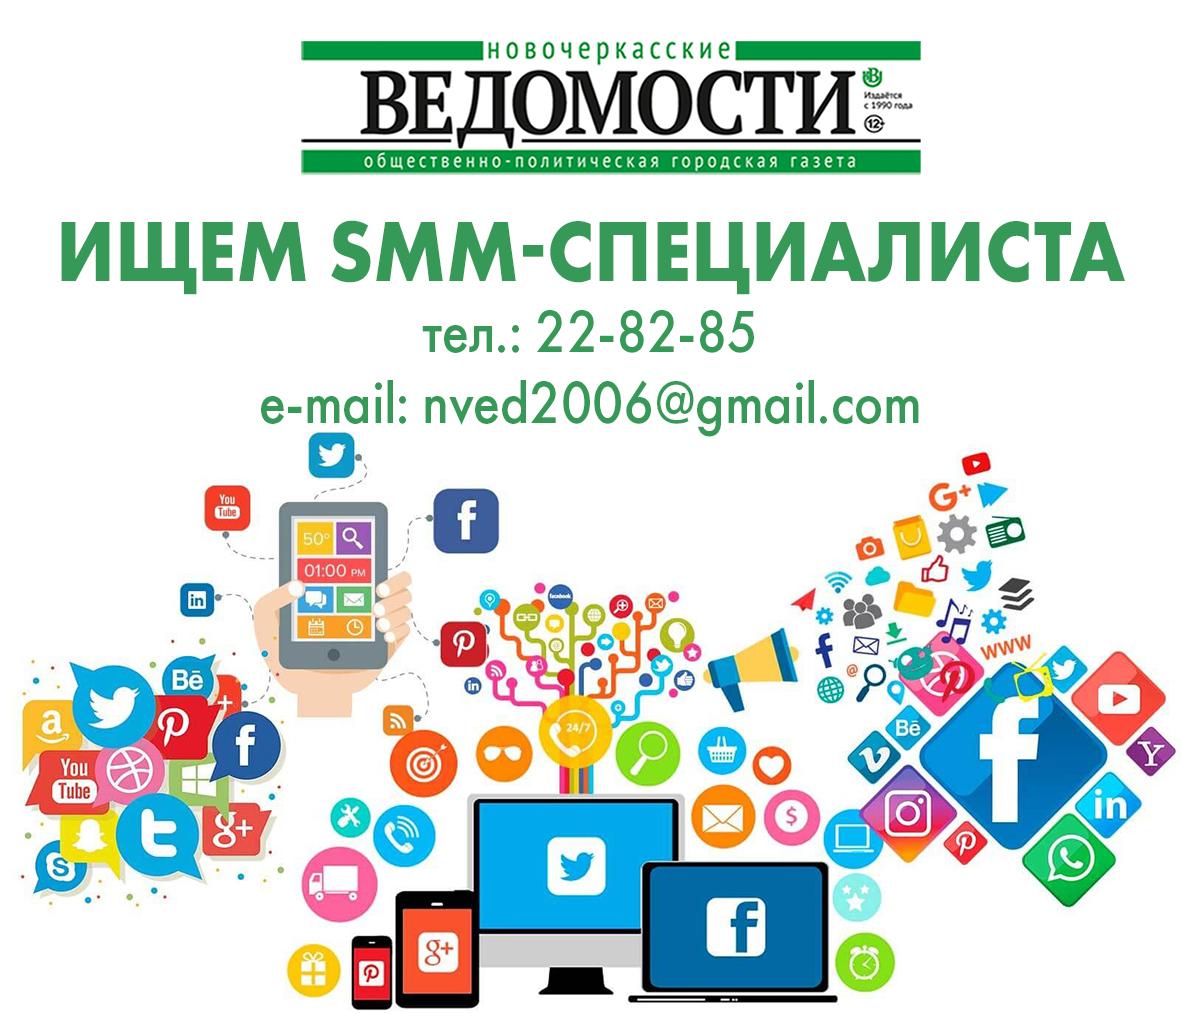 Редакция газеты «Новочеркасские ведомости» приглашает в свою команду СММ-специалиста